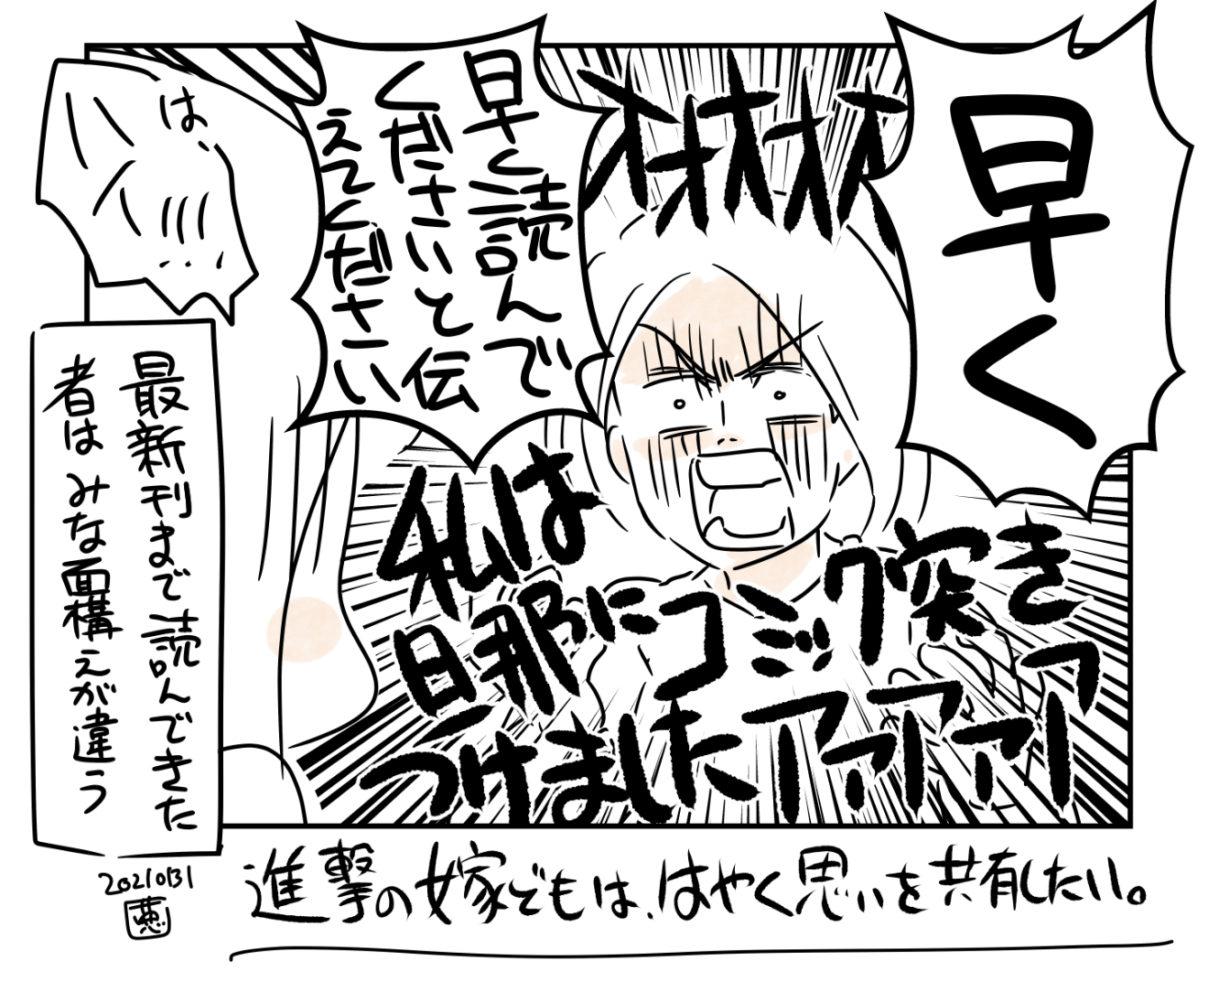 進撃�巨人を最新刊(33巻)��読ん�話